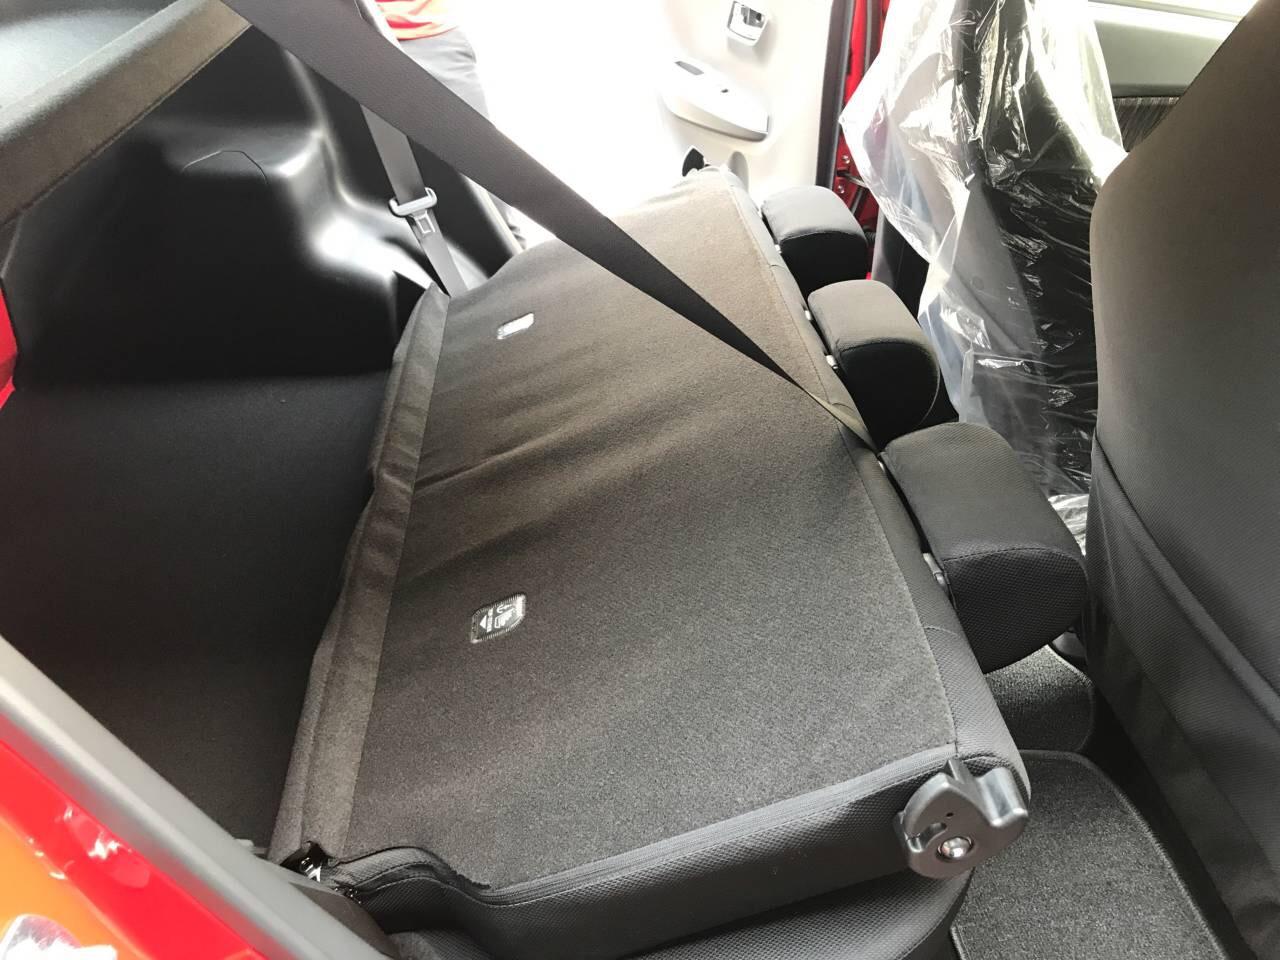 Toyota Wigo 1.2 MT Mẫu xe thành thị sang trọng giá hời đã có mặt tại VN ảnh 14 - Wigo 1.2MT [hienthinam] (số sàn): giá xe và khuyến mãi mới